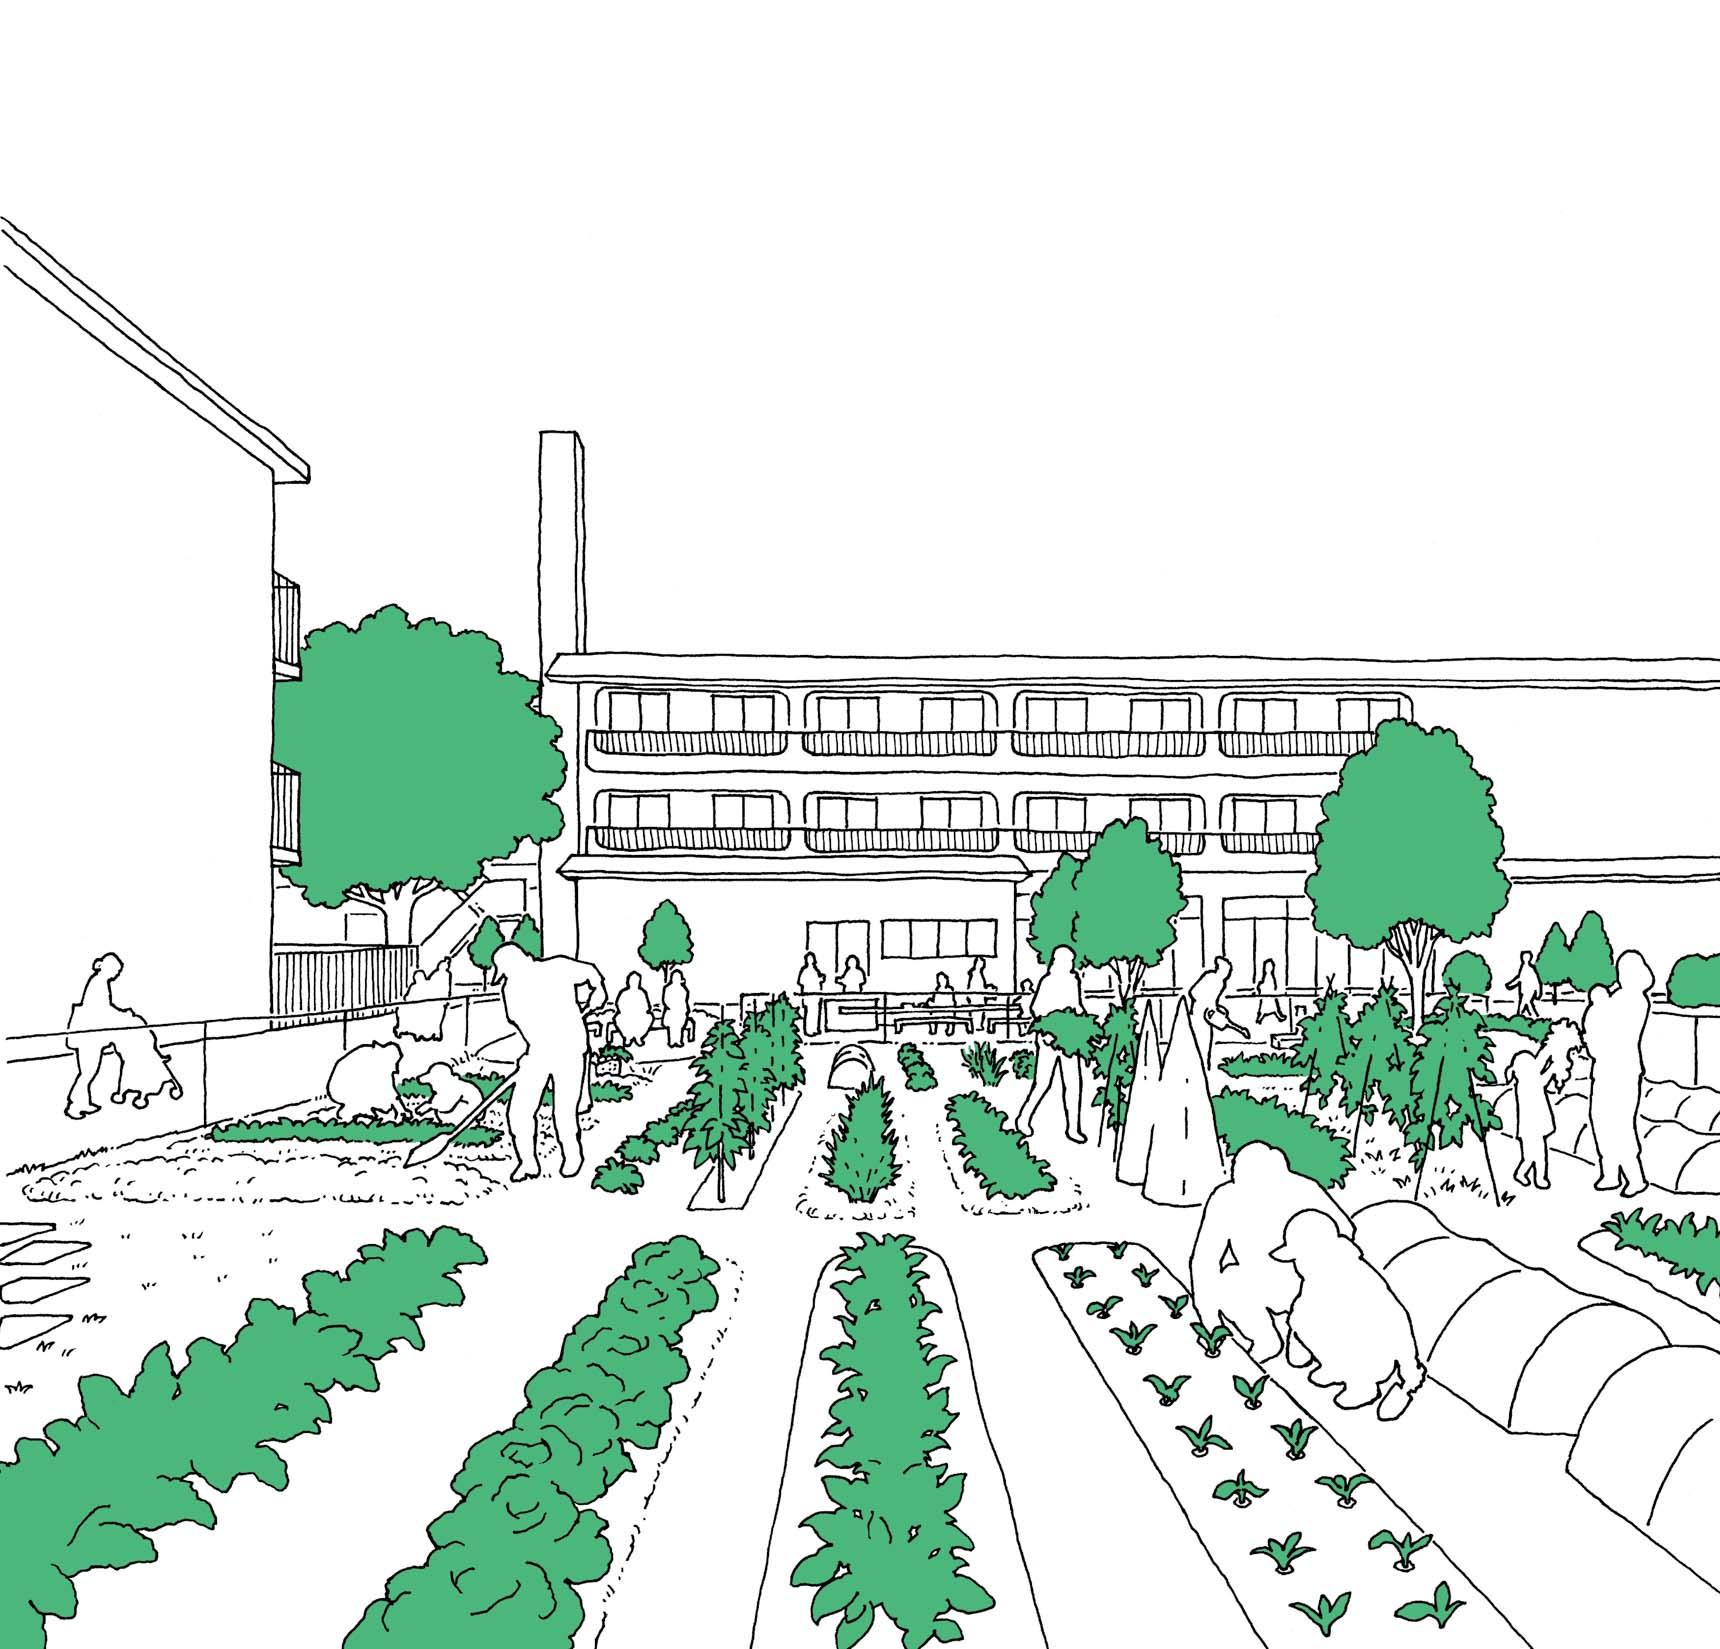 農園のイメージ図